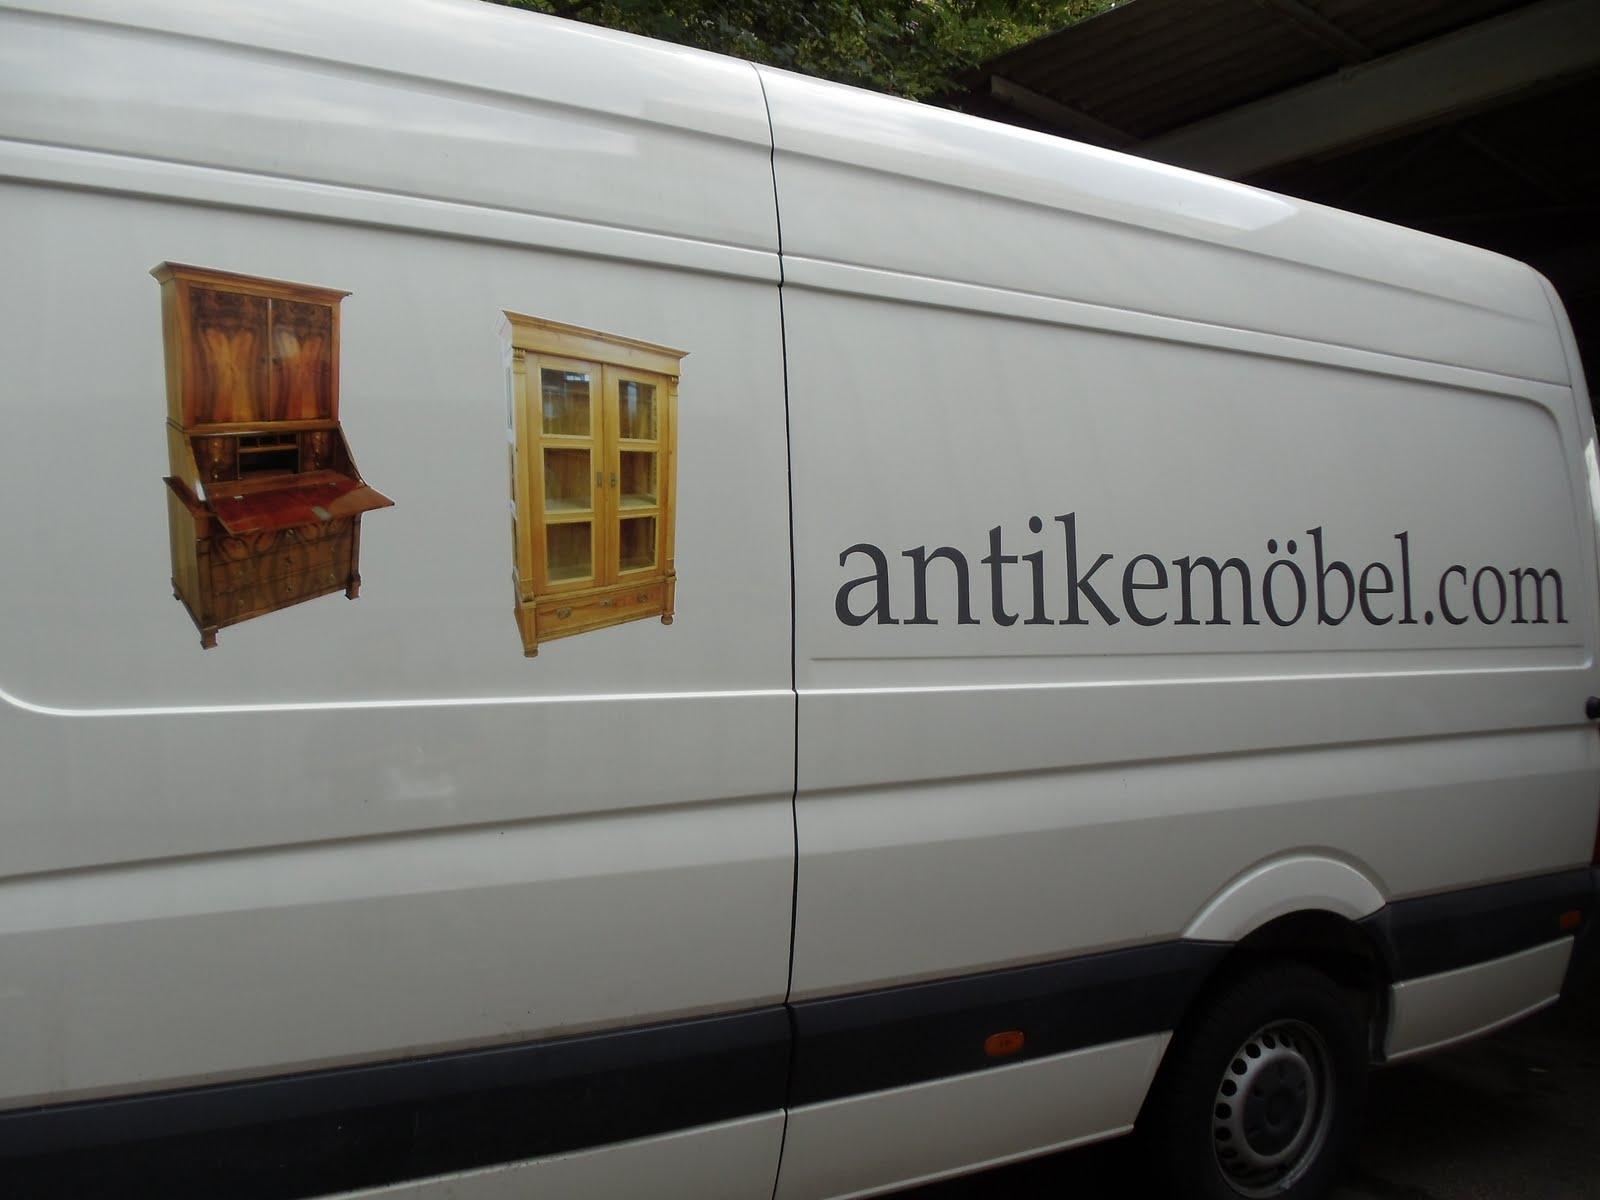 antike m bel der neue bus ist beschriftet. Black Bedroom Furniture Sets. Home Design Ideas